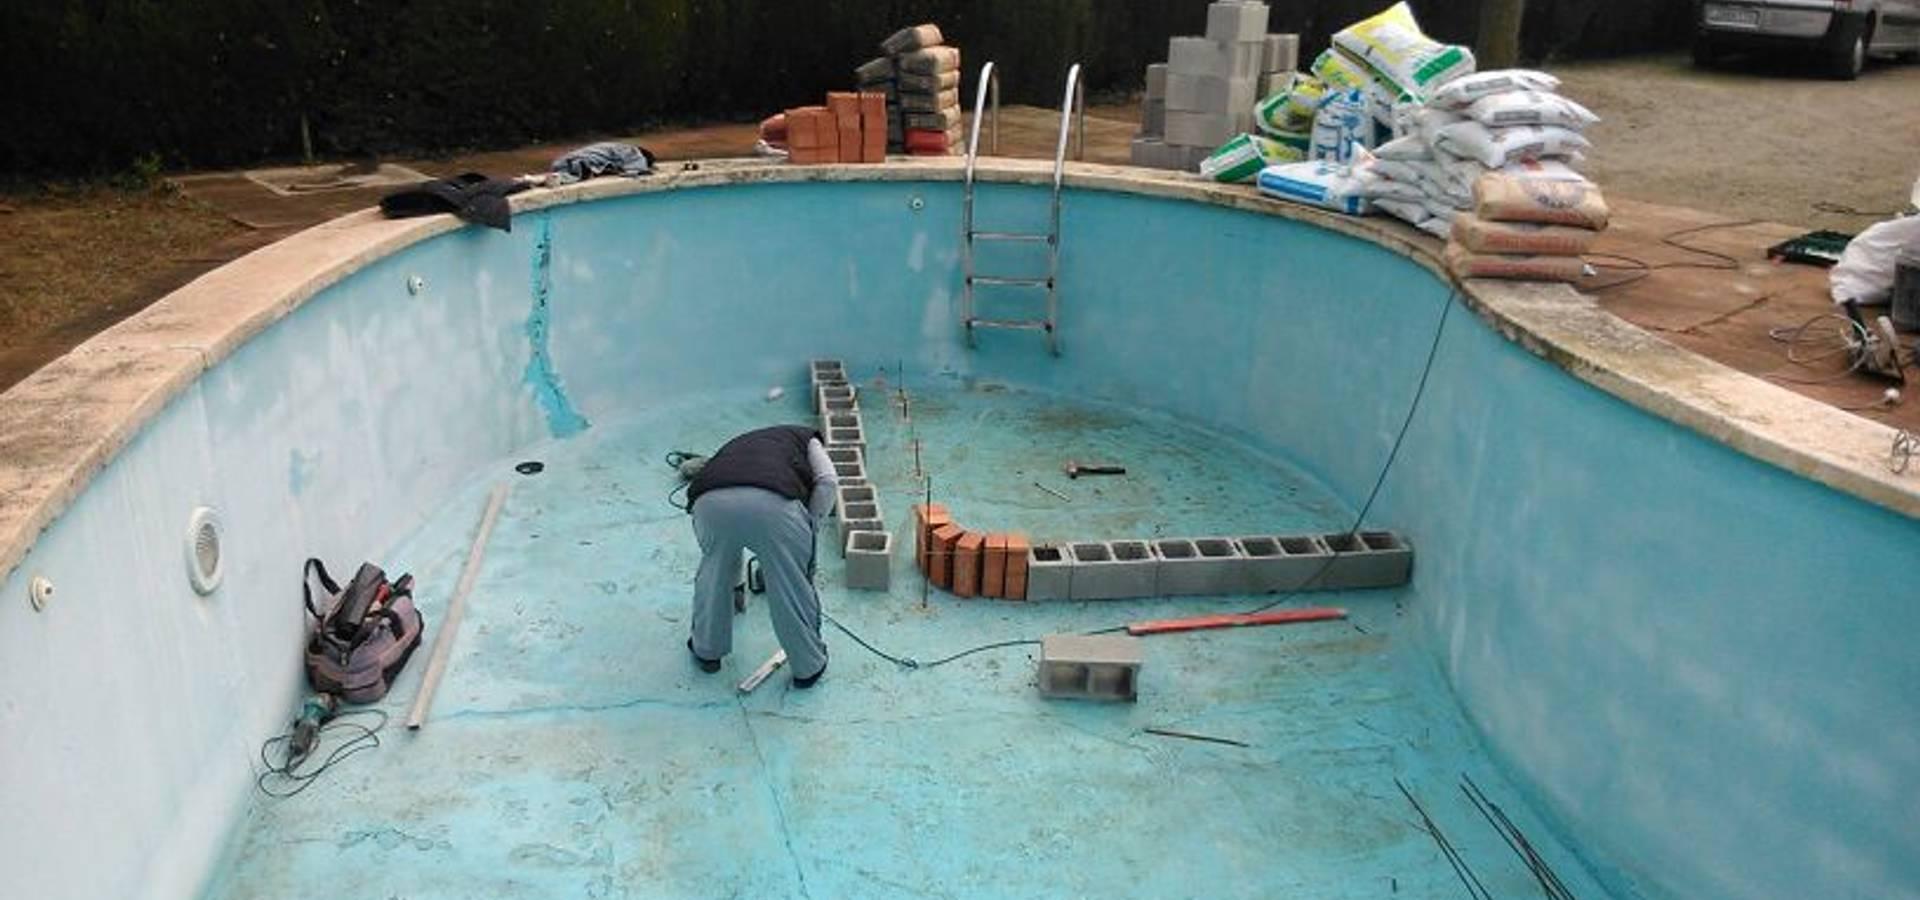 Diaz pools piscinas y spa en polinya barcelona homify - Piscinas y spas ...